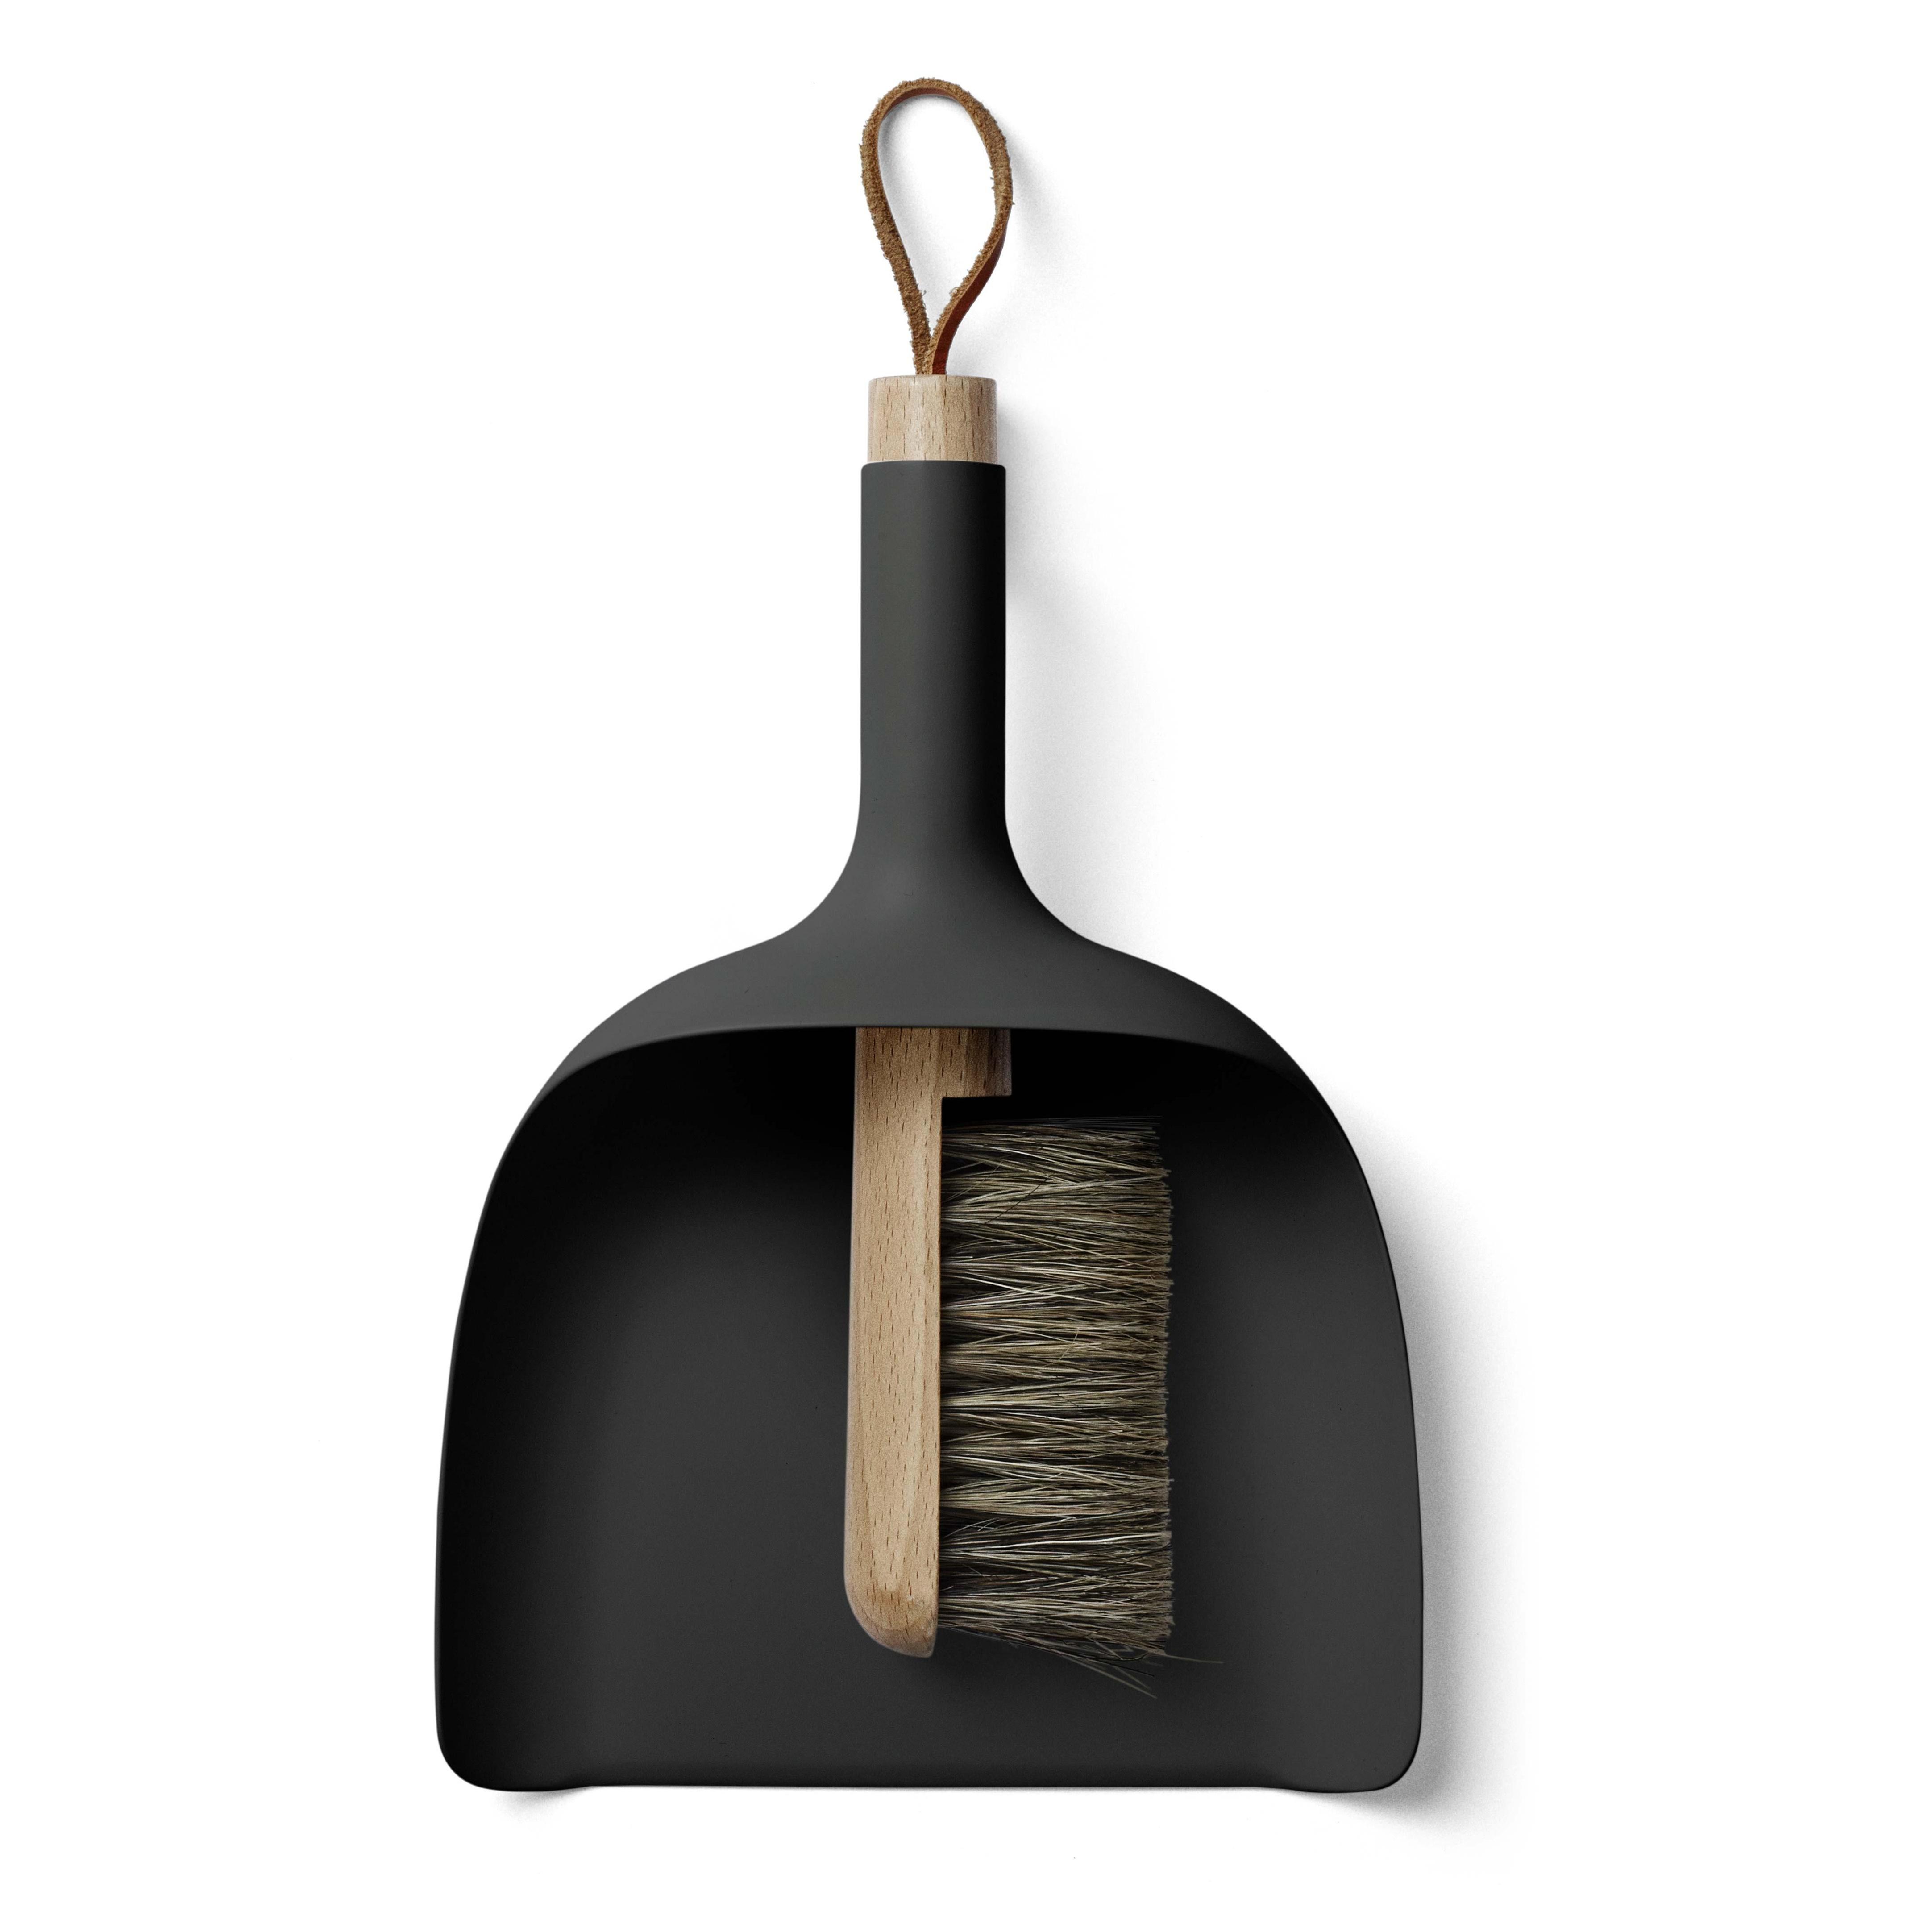 Menu - Sweeper & Funnel Kehrschaufel und Handbesen - schwarz/Griff Esche | Wohnzimmer > Kamine & Öfen > Kaminzubehör | Schwarz | Kunststoff| holz | Menu